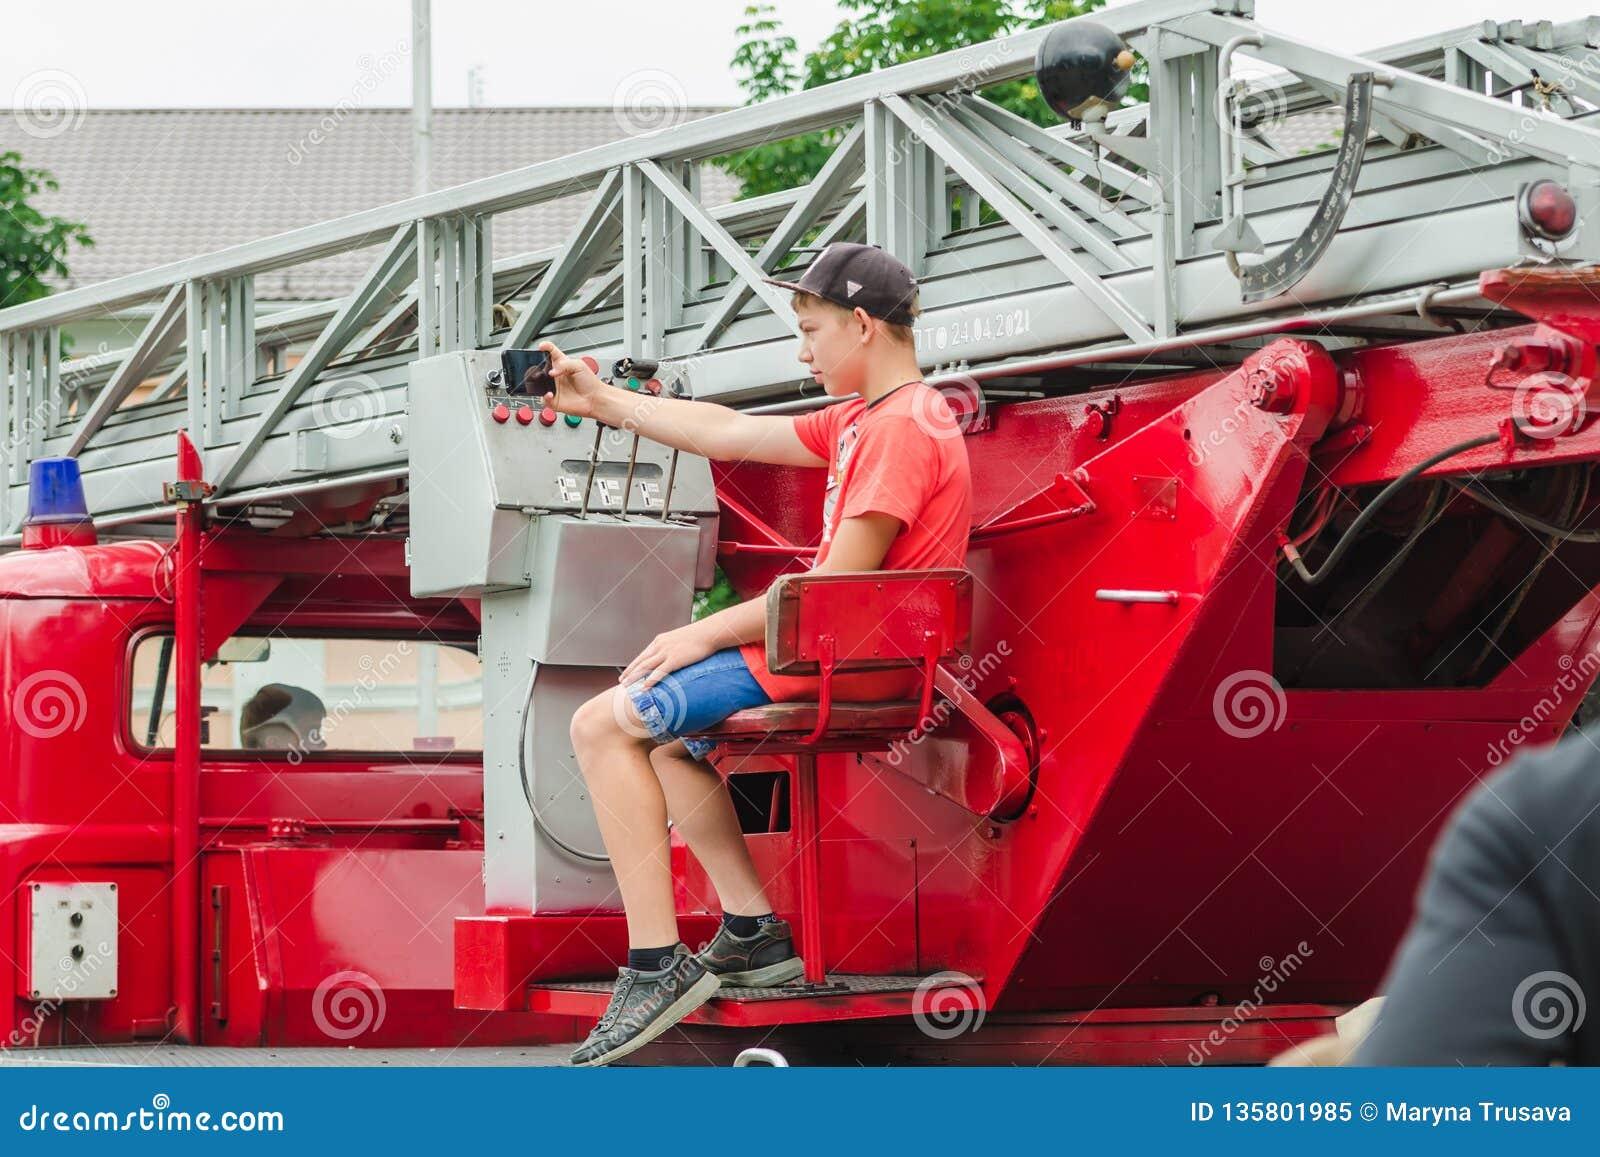 HORKI VITRYSSLAND - JULI 25, 2018: En pojke tar en selfie på en röd bilräddningstjänst 112 på en ferie i parkerar på en sommardag